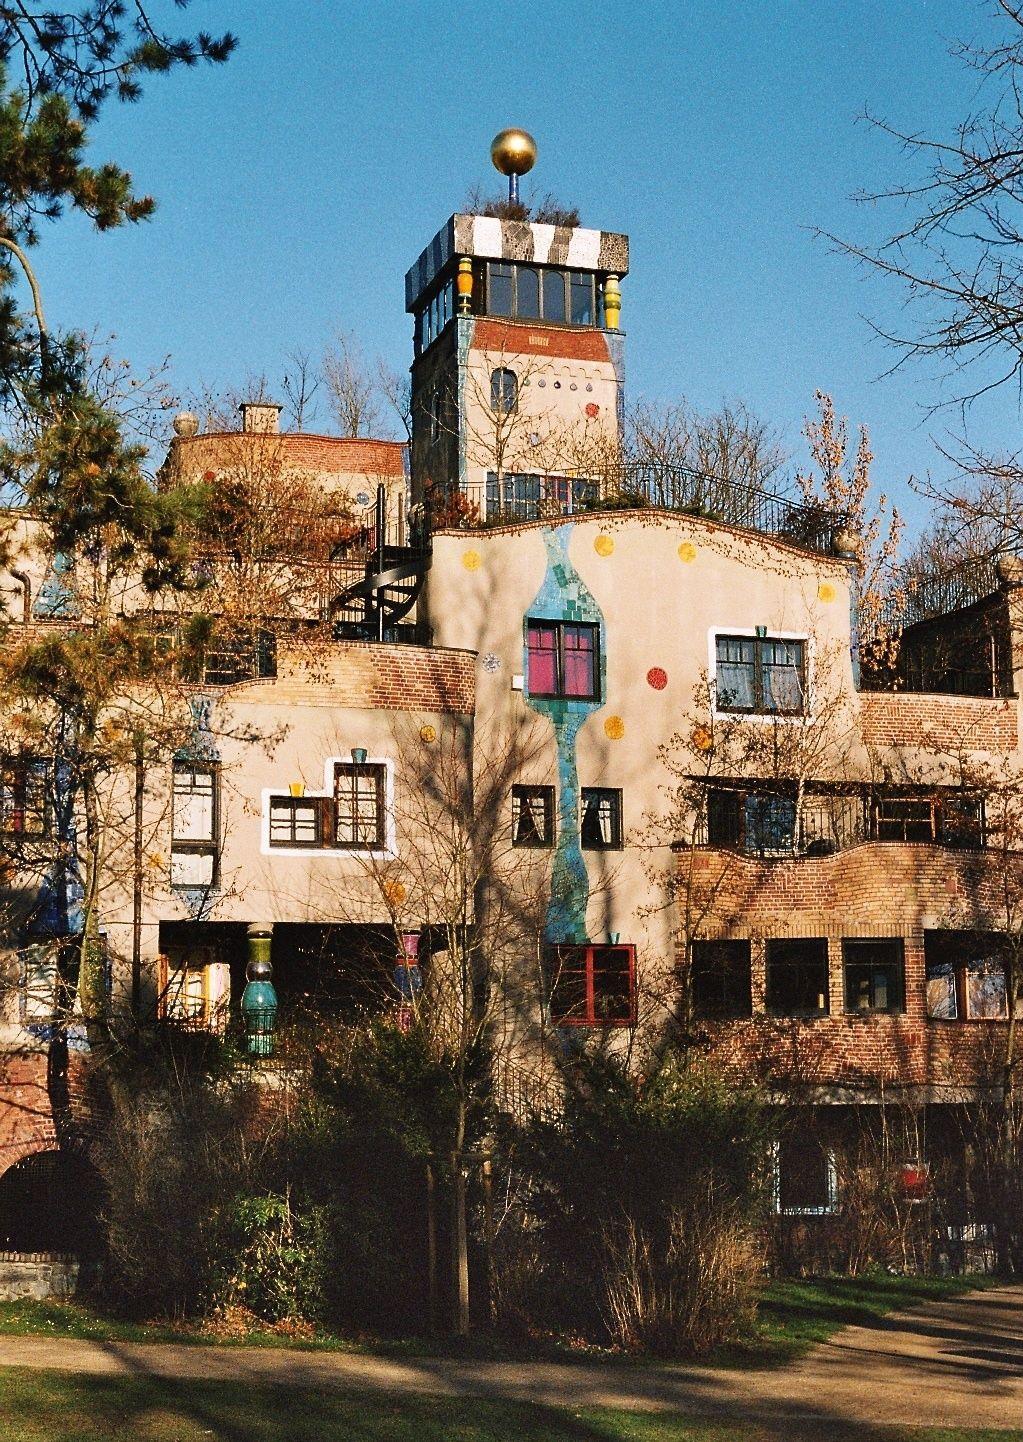 Hundertwasser geb ude architecture for Architecture hundertwasser